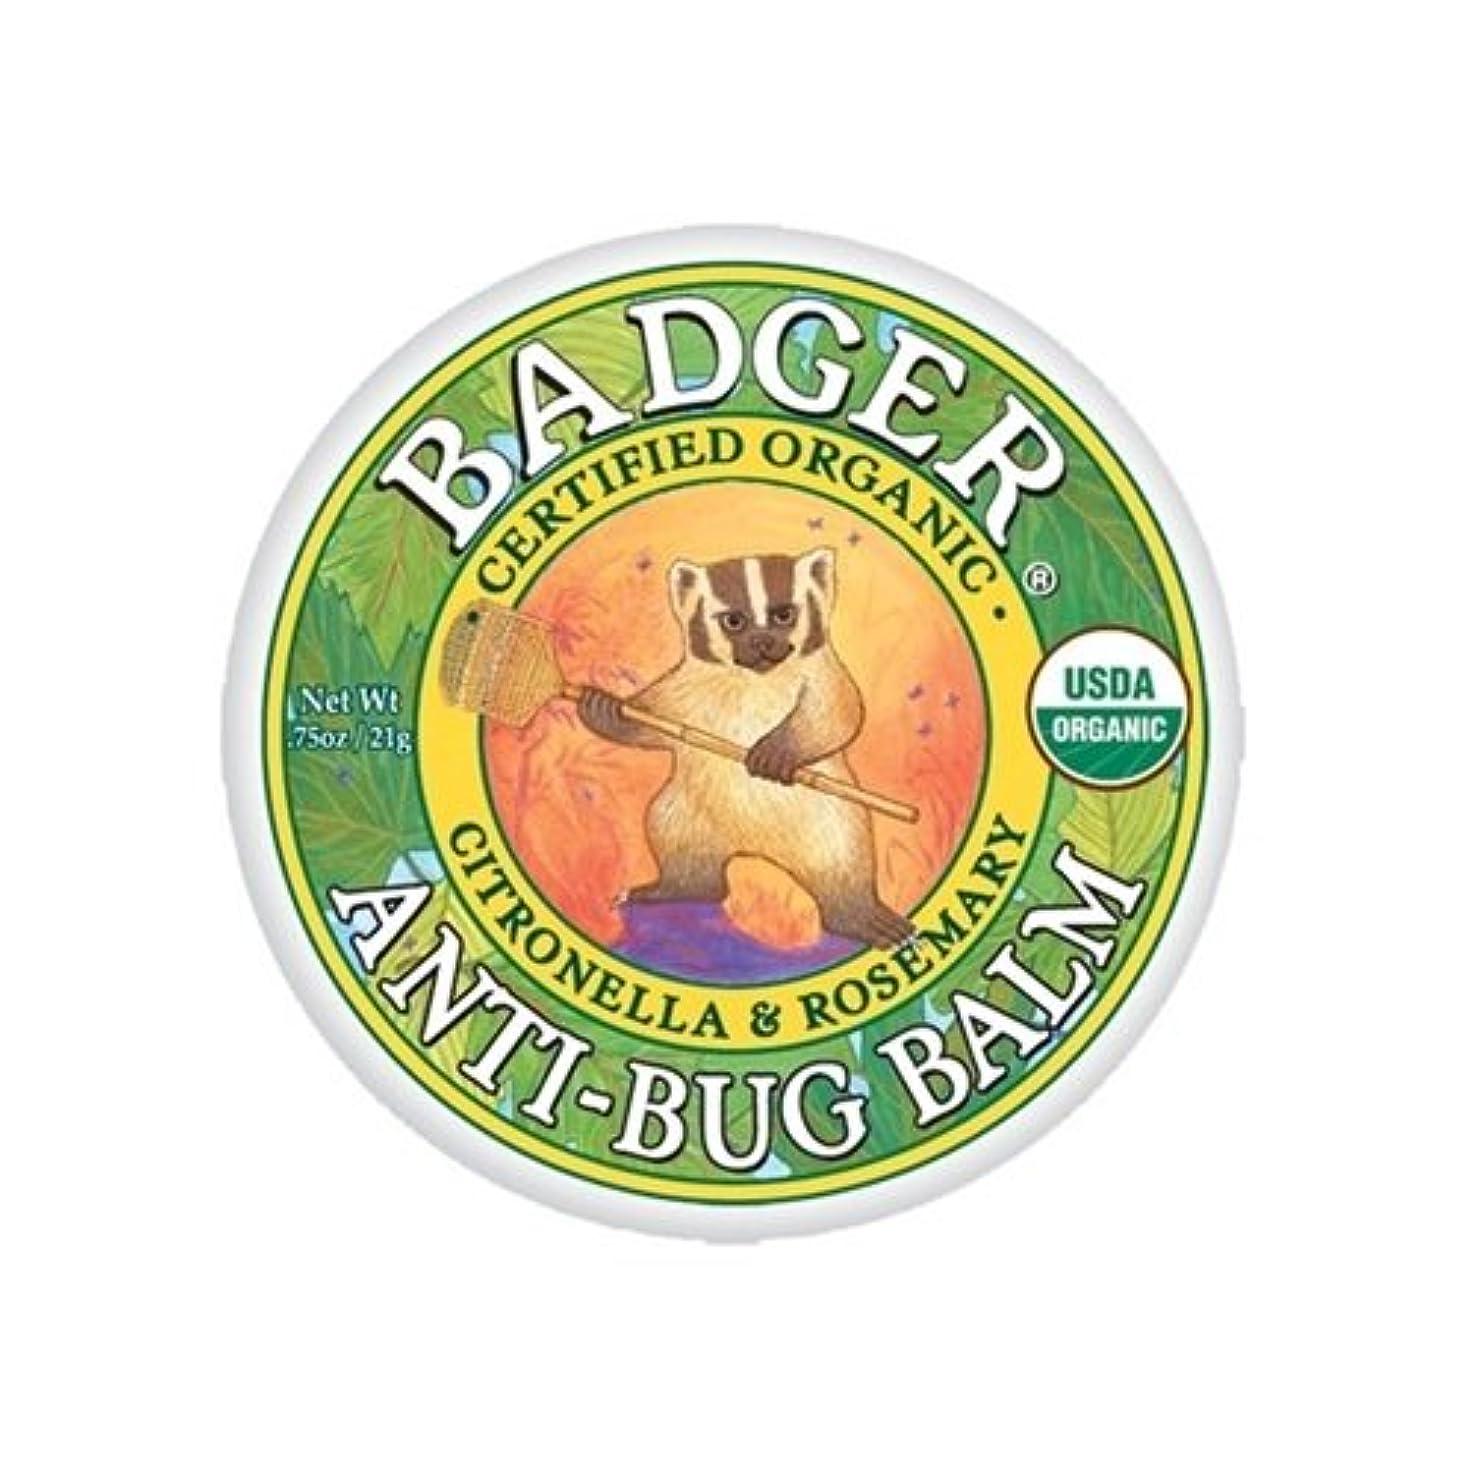 毎年直接温かいBadger バジャー オーガニック虫よけクリーム【小サイズ】 21g【海外直送品】【並行輸入品】